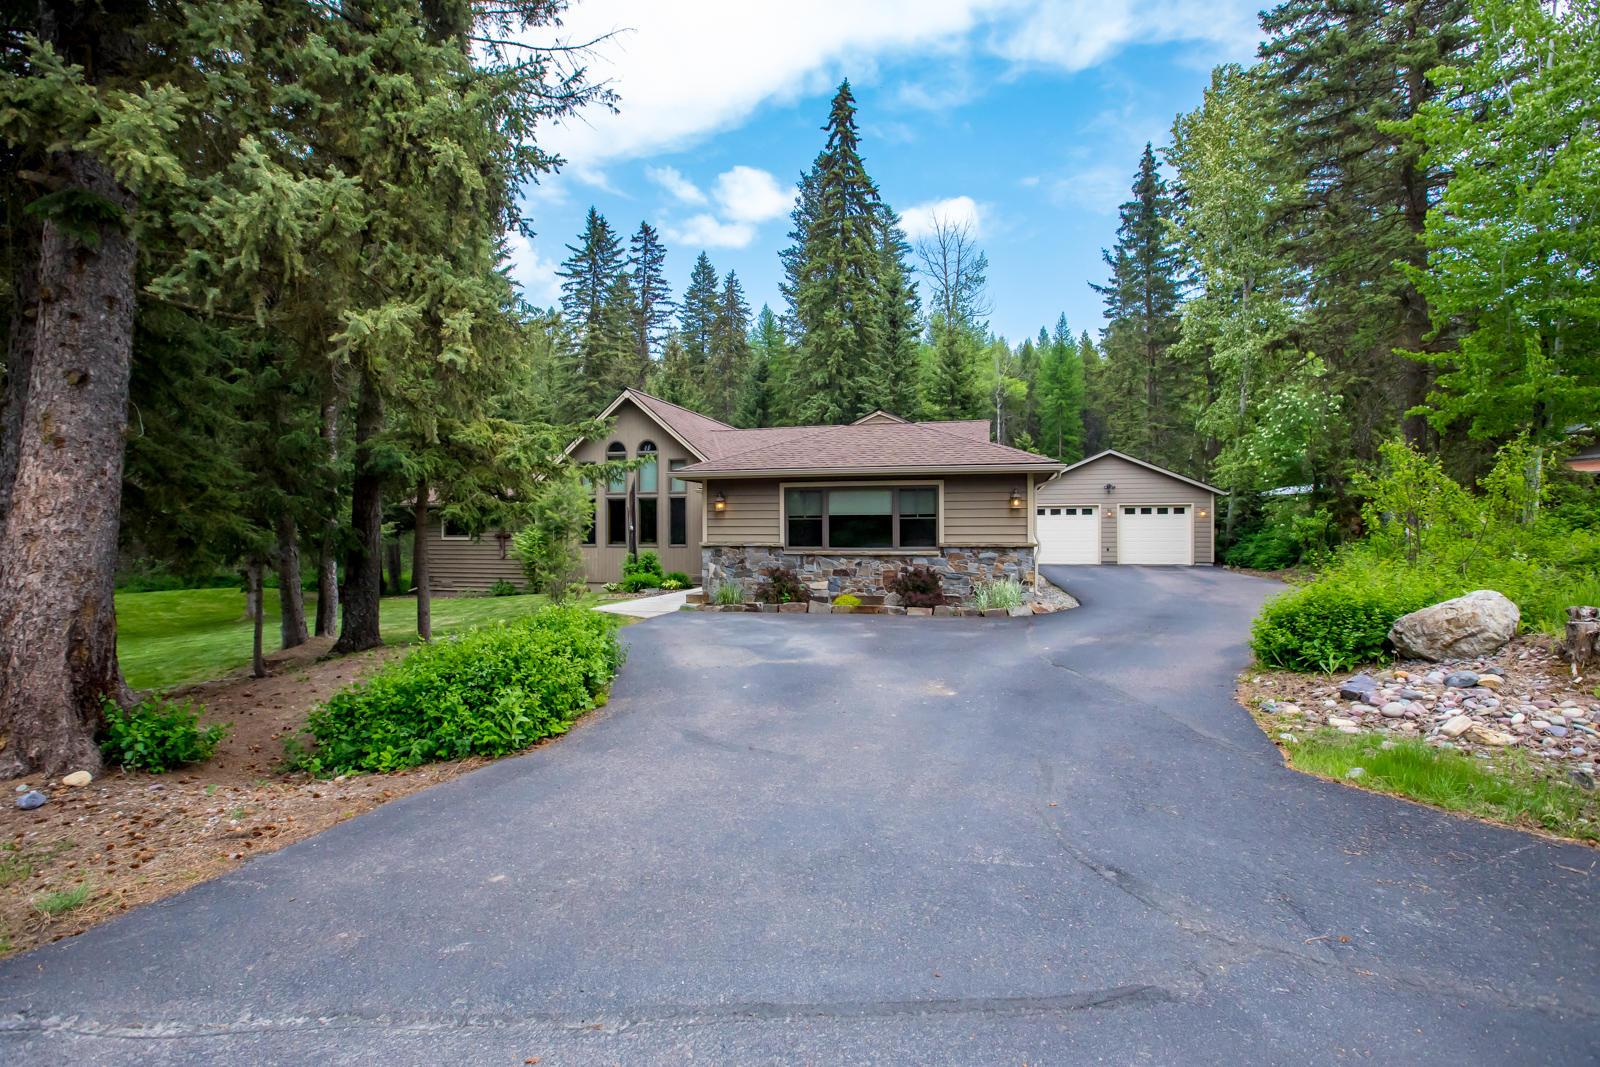 175 Sapphire Court, #& 185, Whitefish, MT 59937, MLS # 21908598 | Berkshire  Hathaway HomeServices Montana Properties